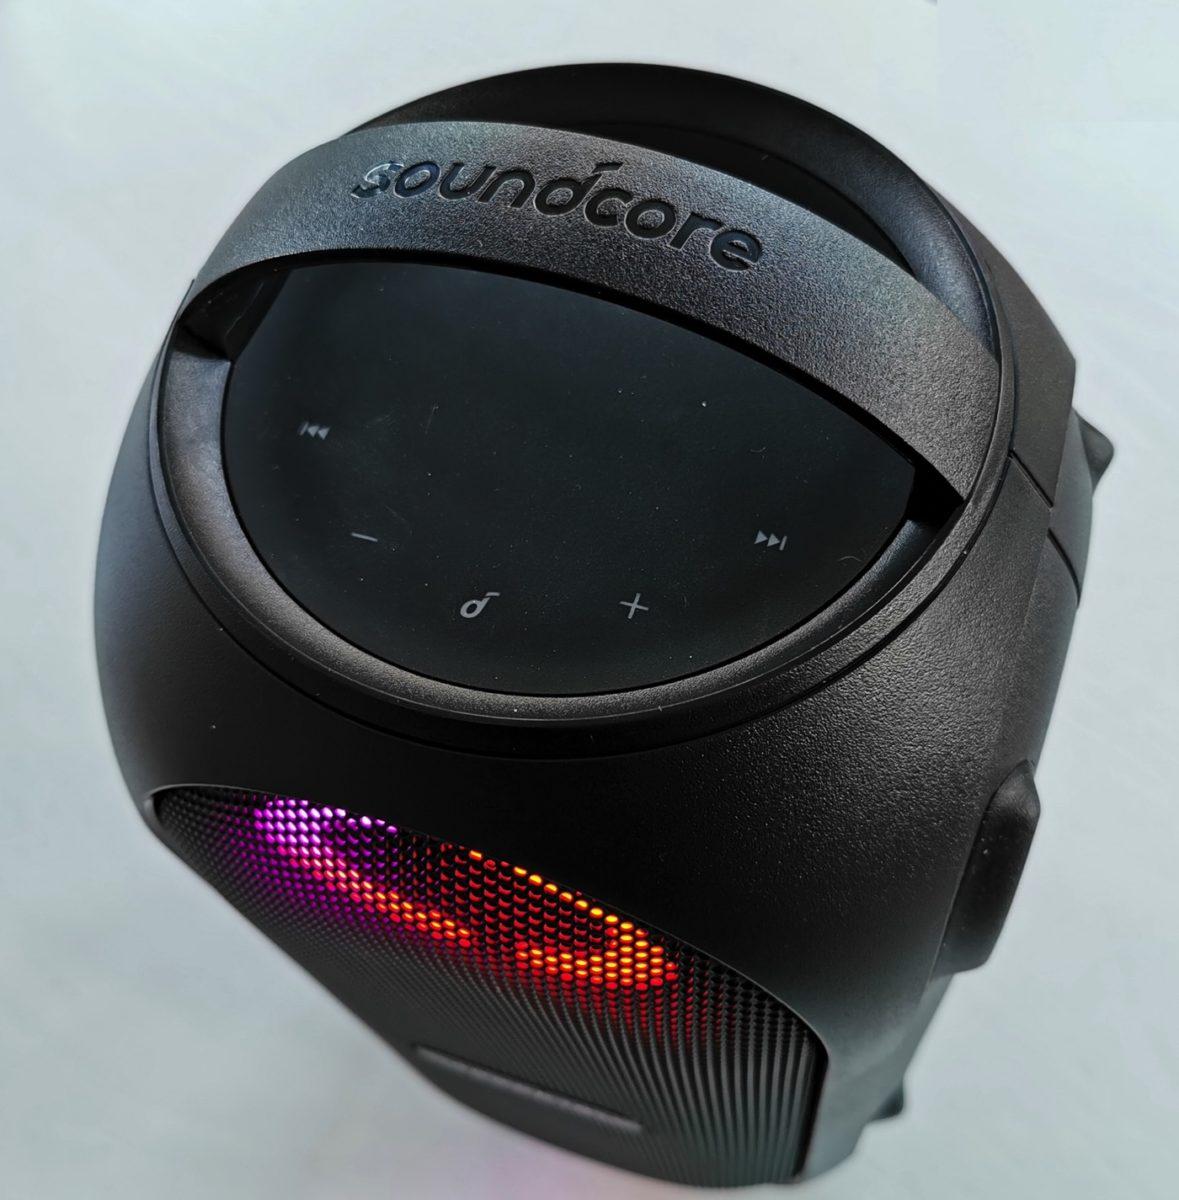 Recensione Anker Soundcore Rave mini: speaker con luci e giochi per fare festa in casa e all'aperto